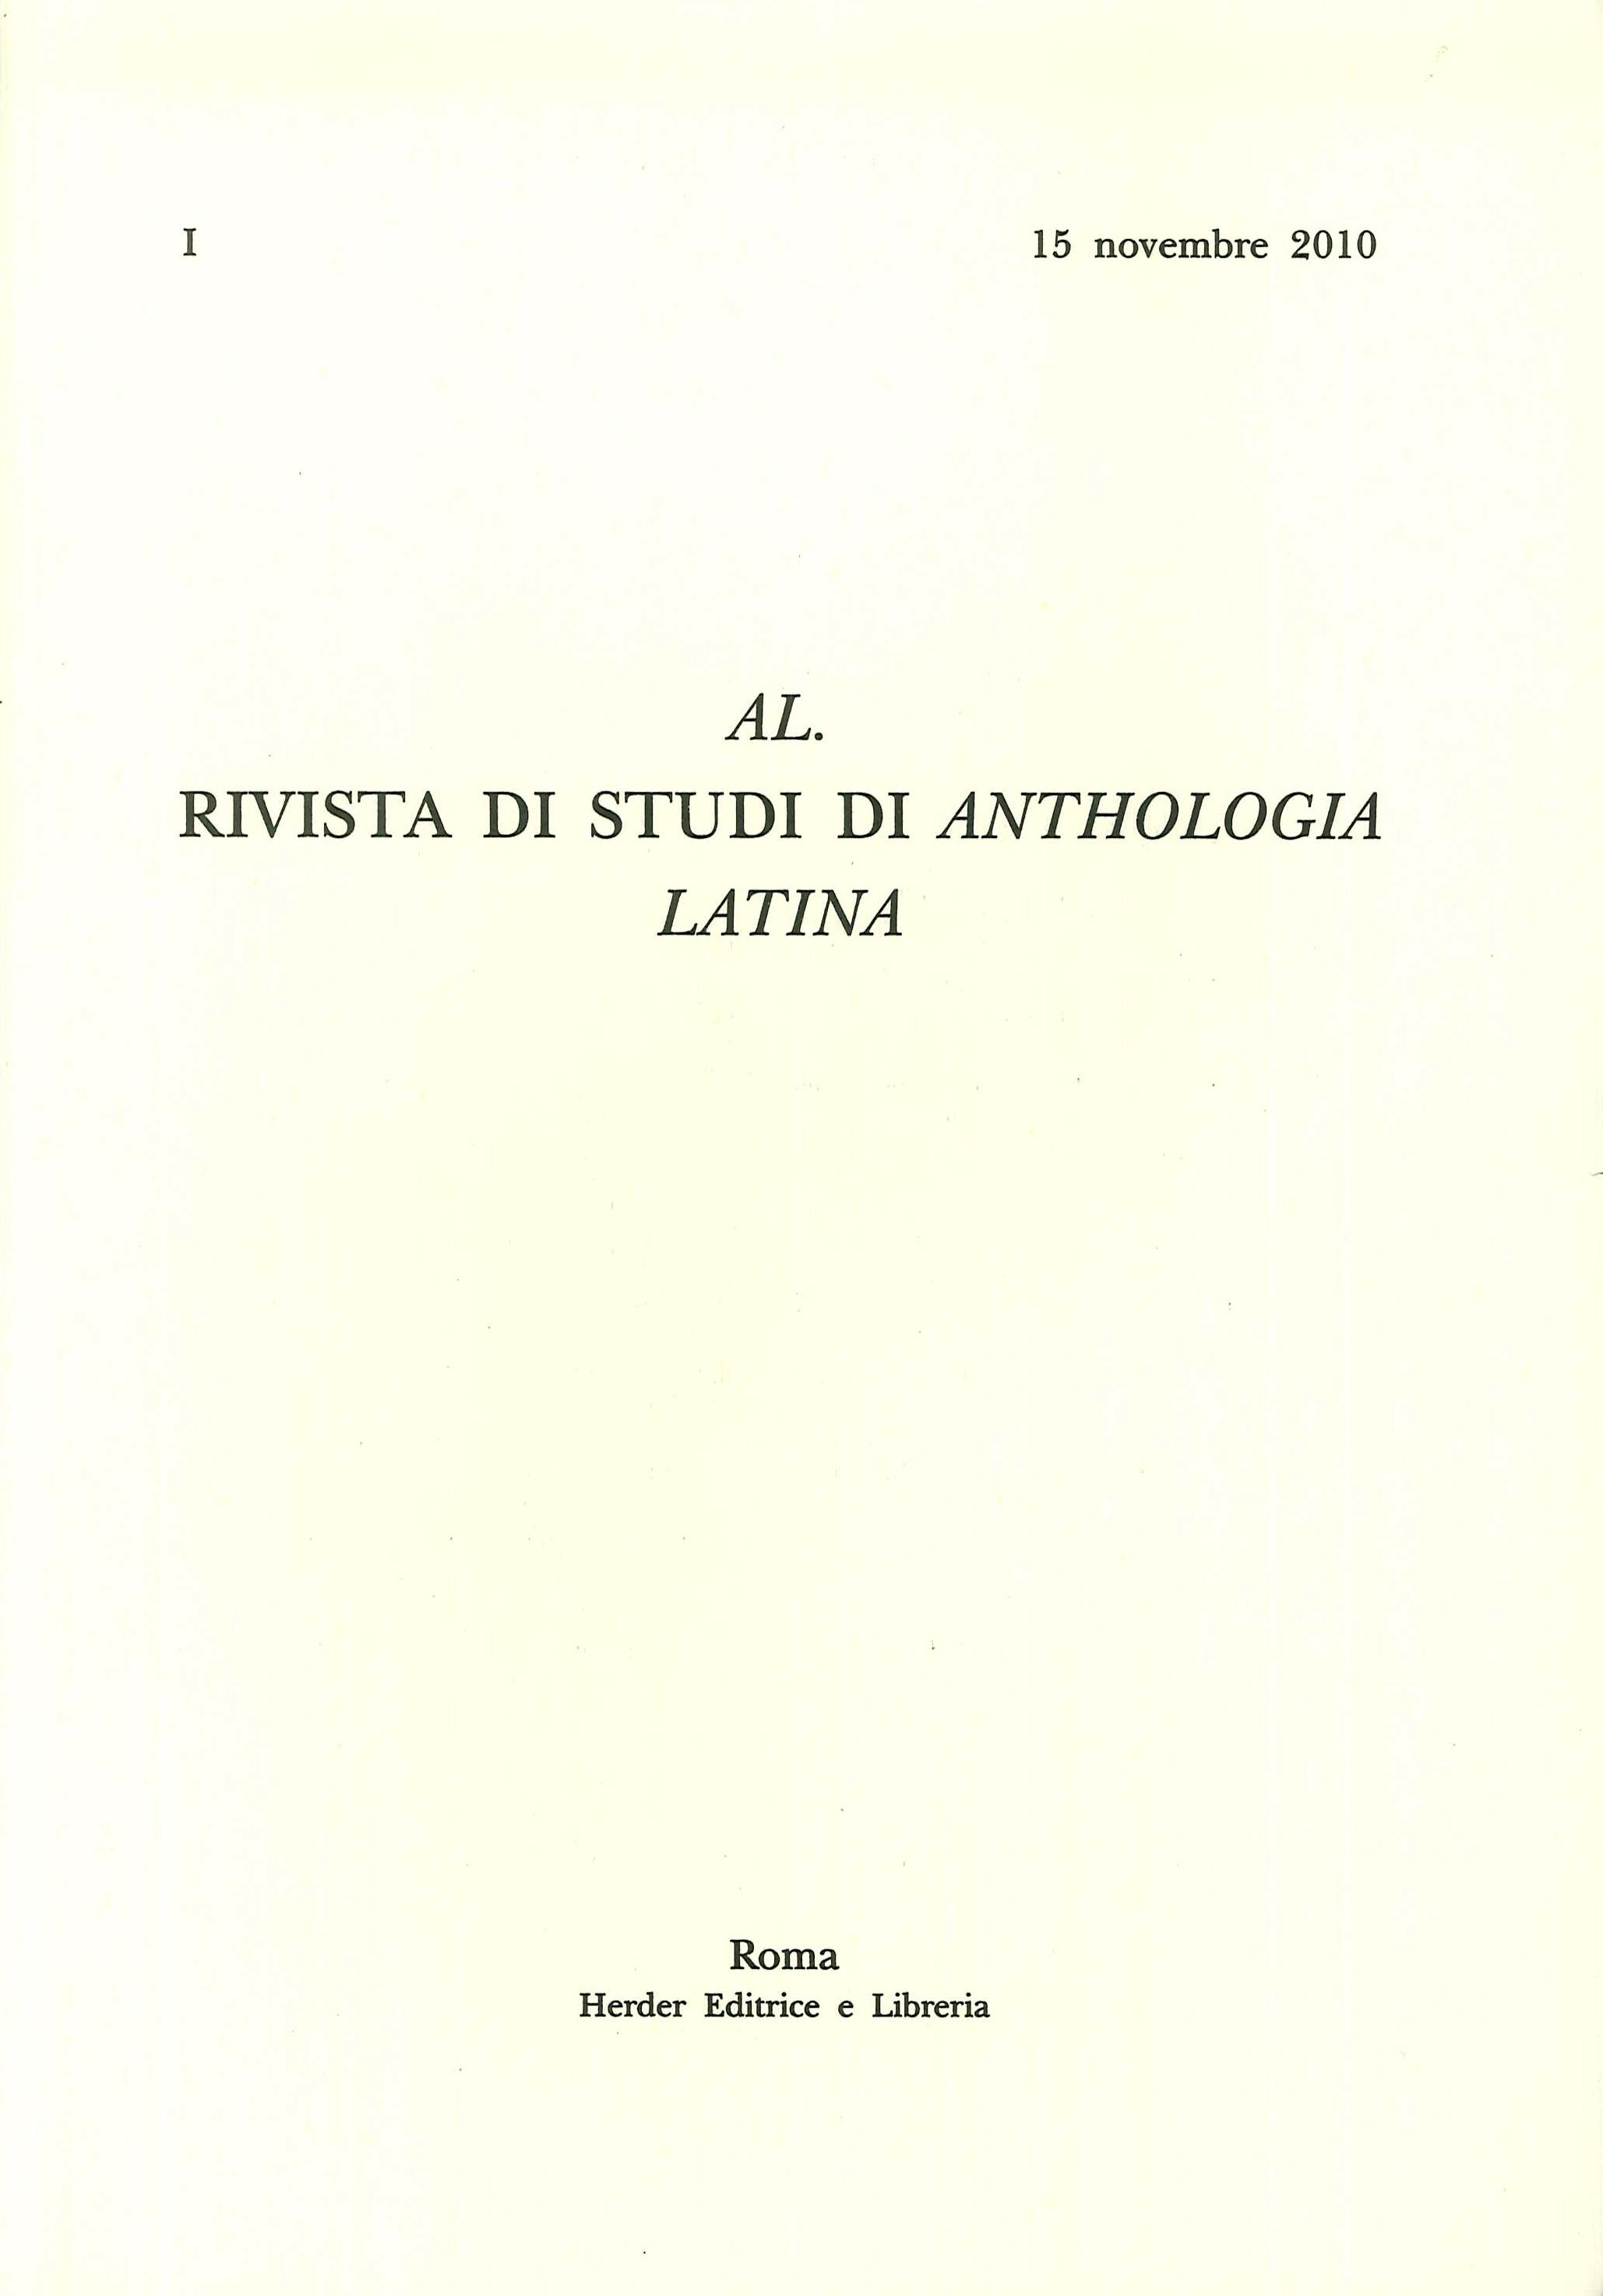 AL. Rivista di Studi di Anthologia Latina  Vol. I. 15 Novembre 2010